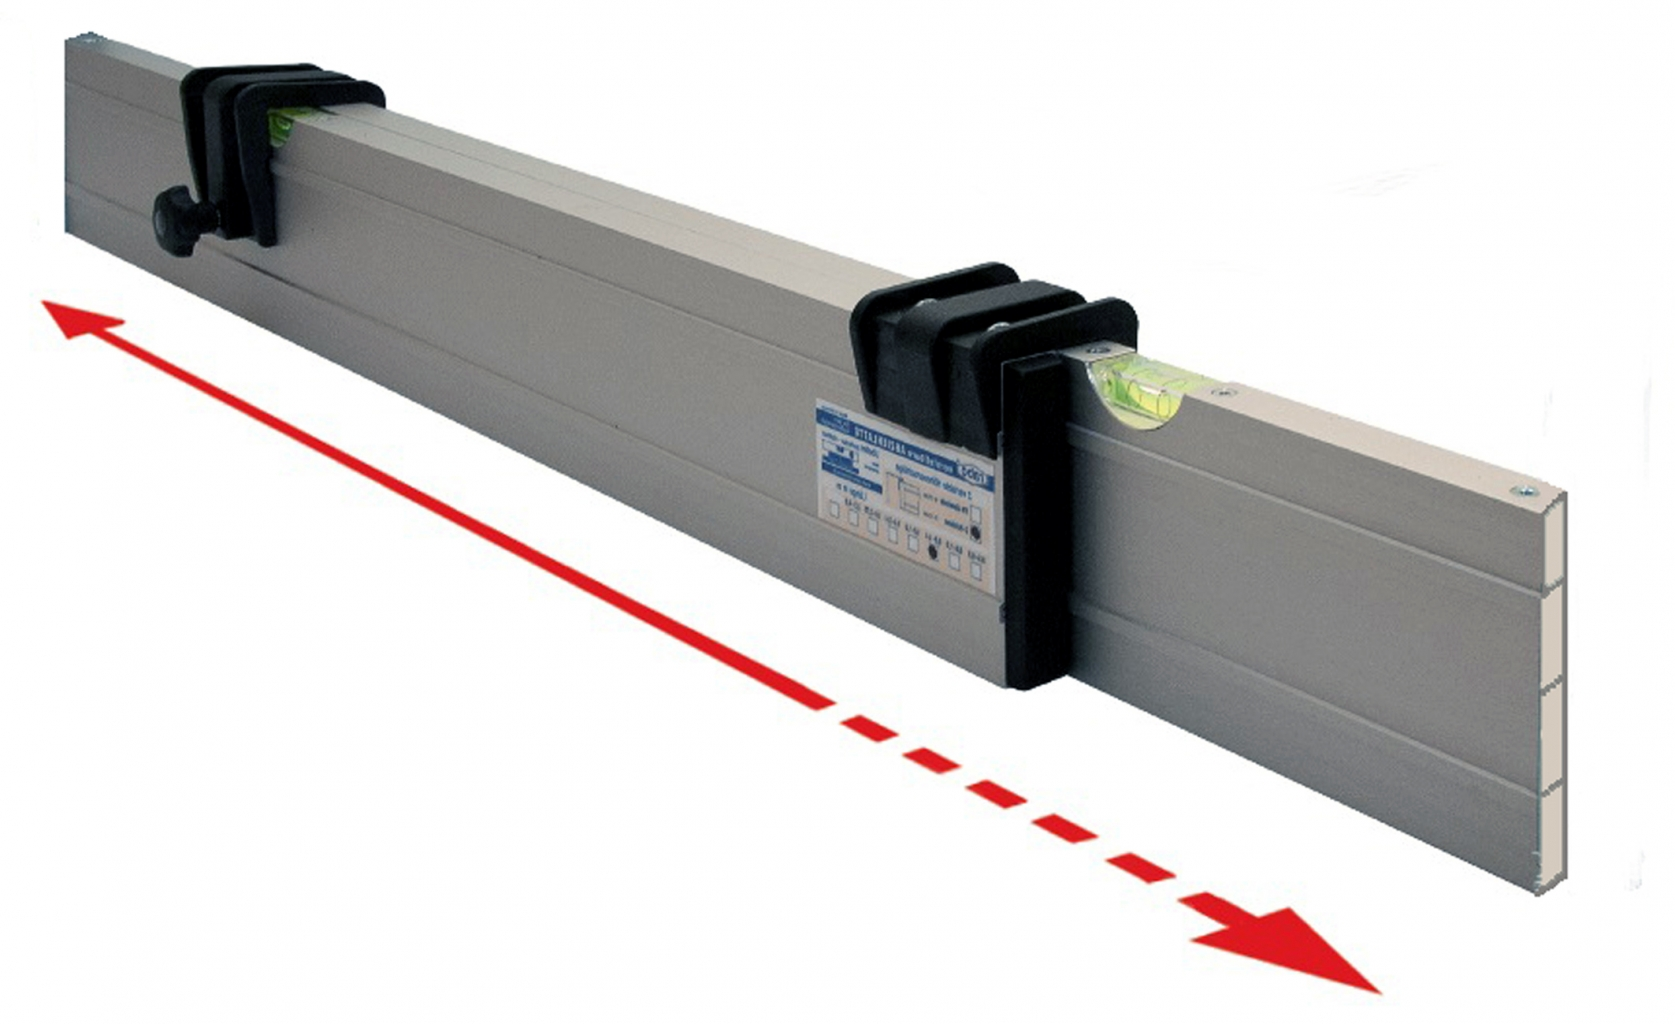 Nivelo NL14 nastavitelná stahovací lať s pracovní délkou 0.8 - 1.4 m